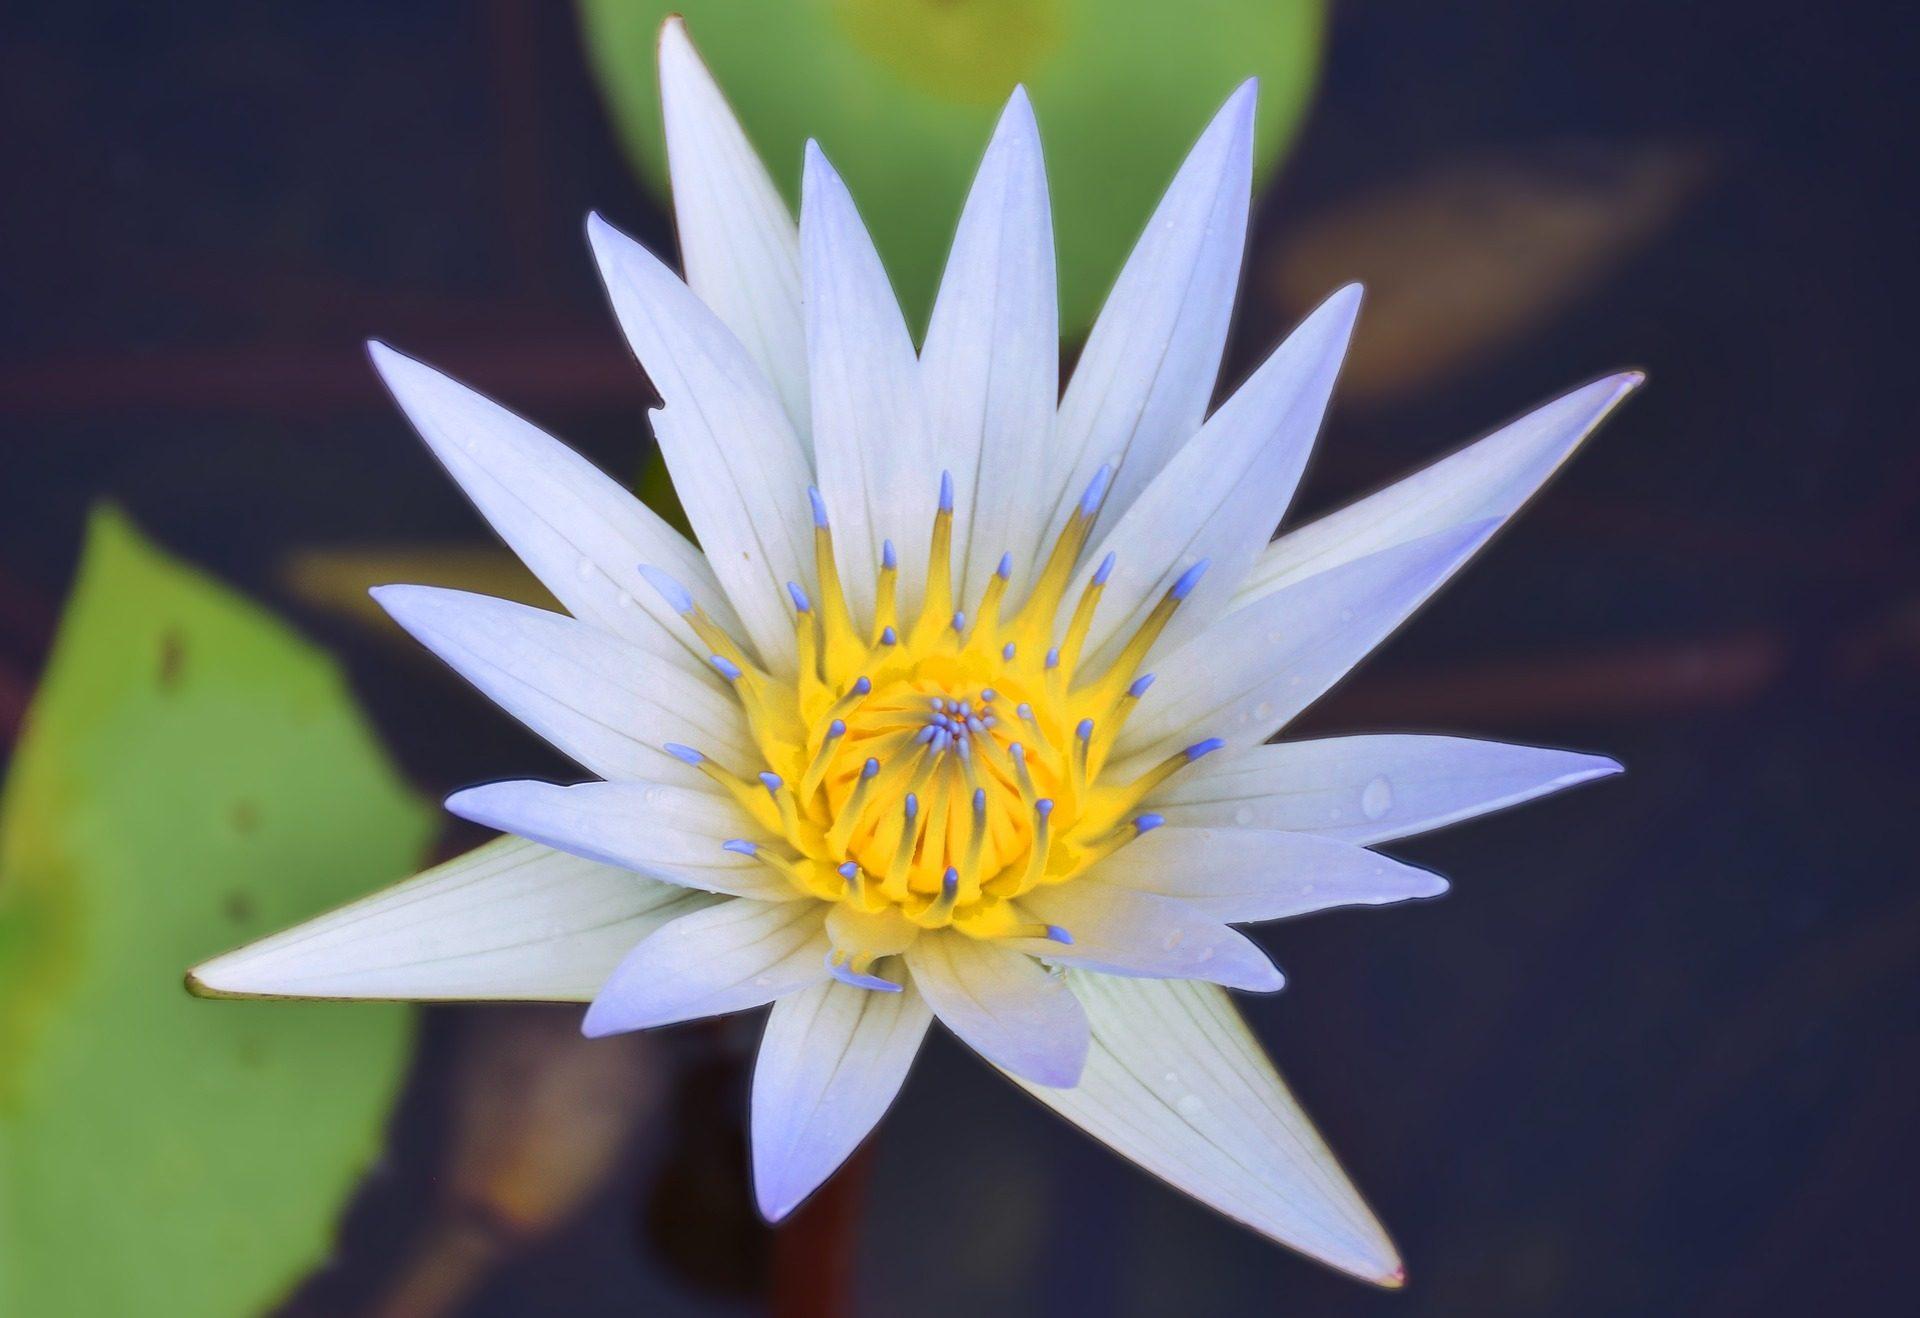 Lily, Wasser, Blütenblätter, scharfe, Blume, Tropfen - Wallpaper HD - Prof.-falken.com